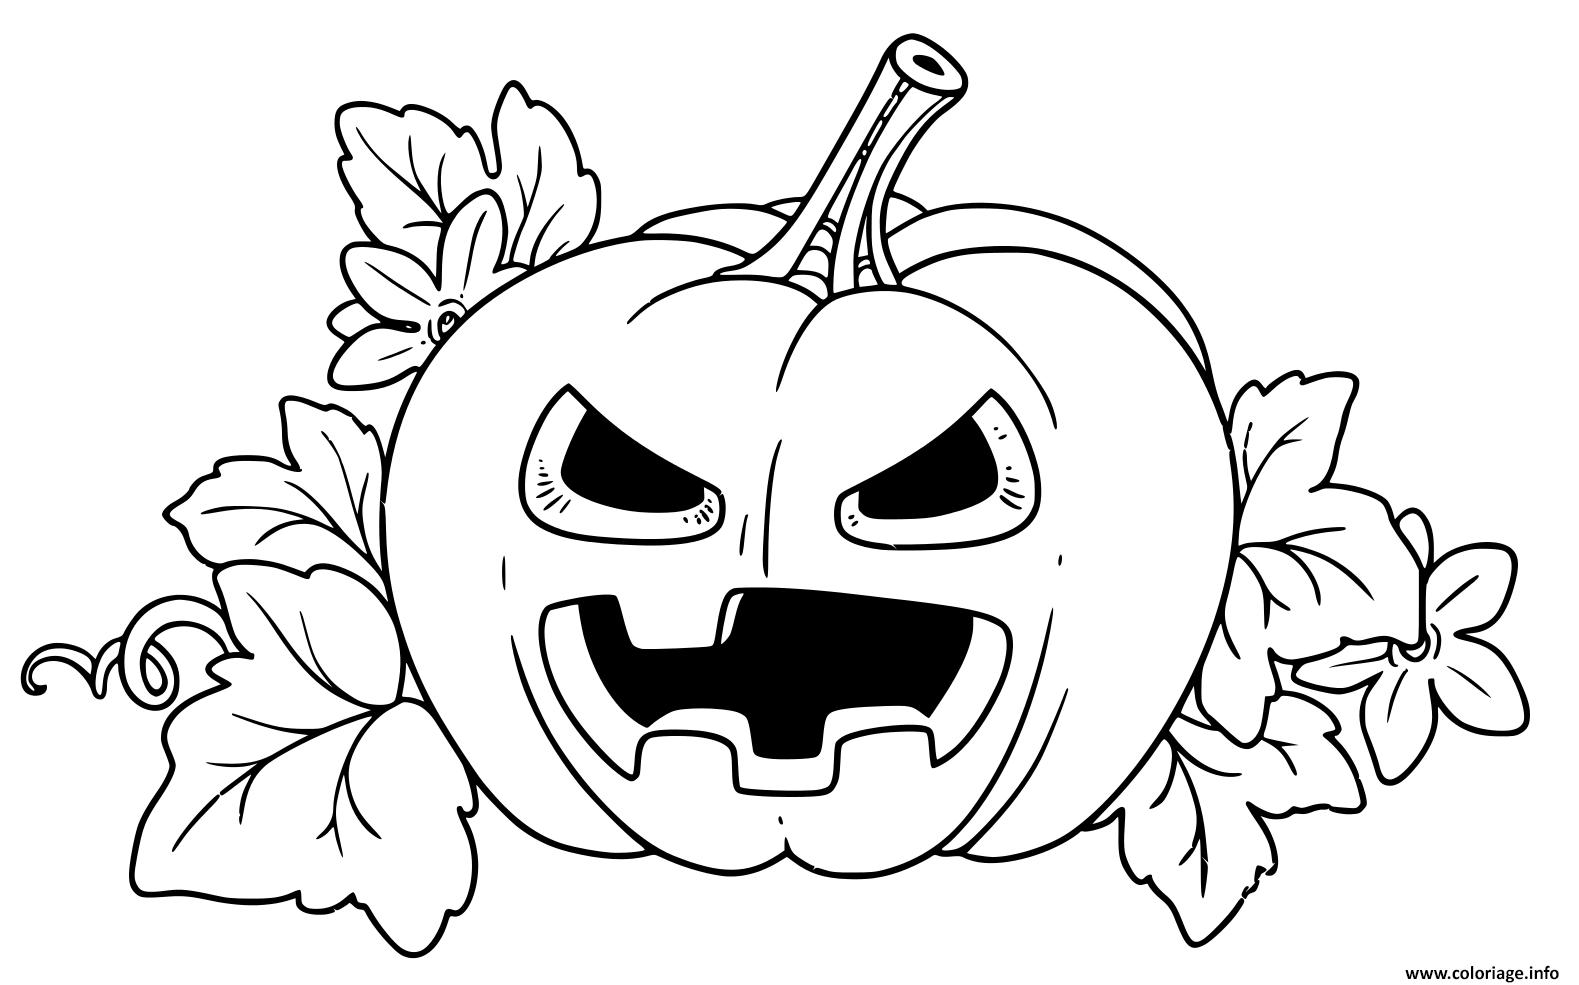 Coloriage Citrouille Halloween Fachee Couleur Jaune dessin